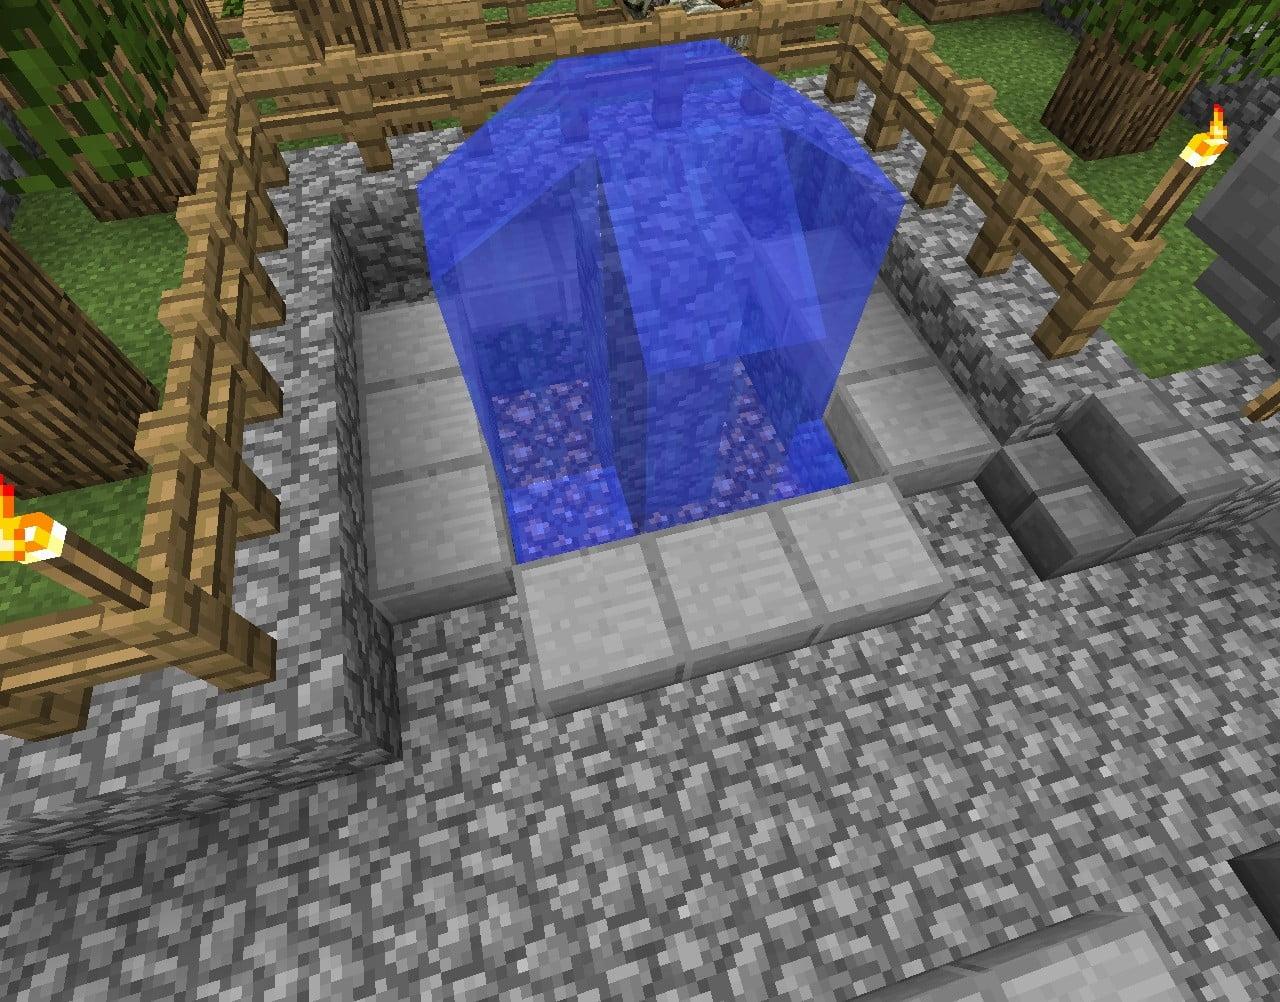 ᐅ Brunnen Mit Glowstone In Minecraft Bauen Minecraft Bauideen De